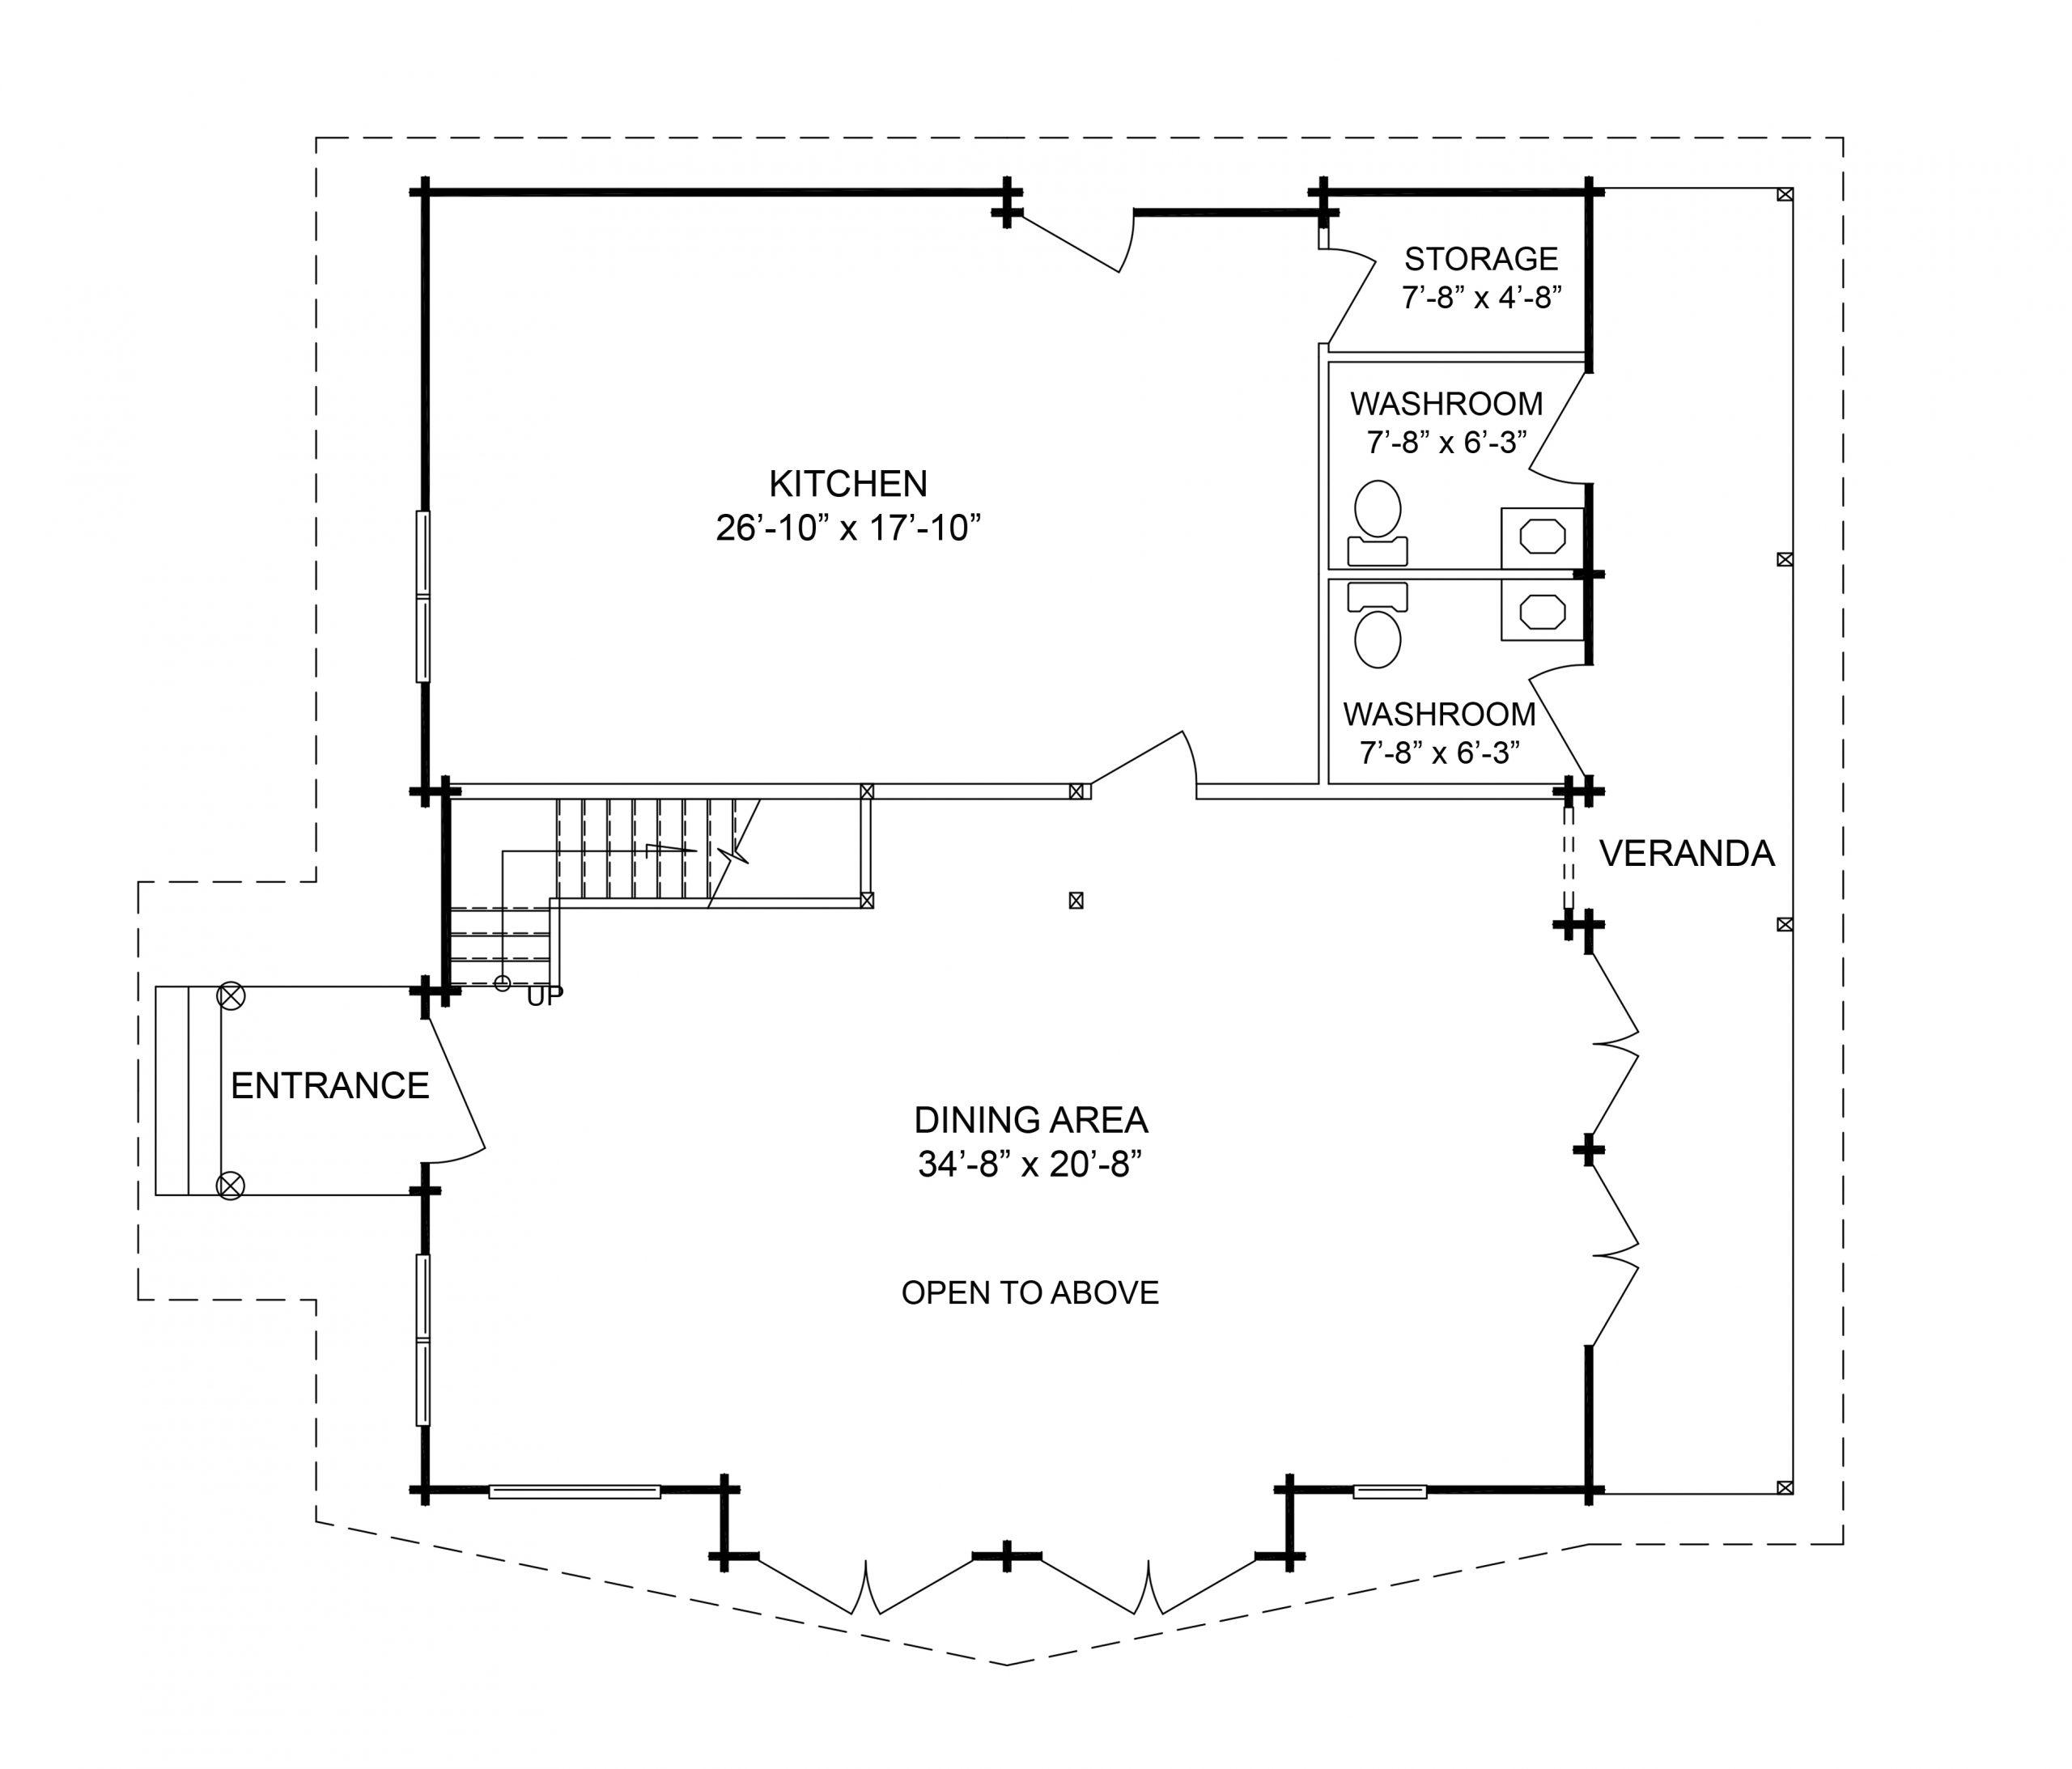 Main Floor: 1,410 square feet / 130.95 m²